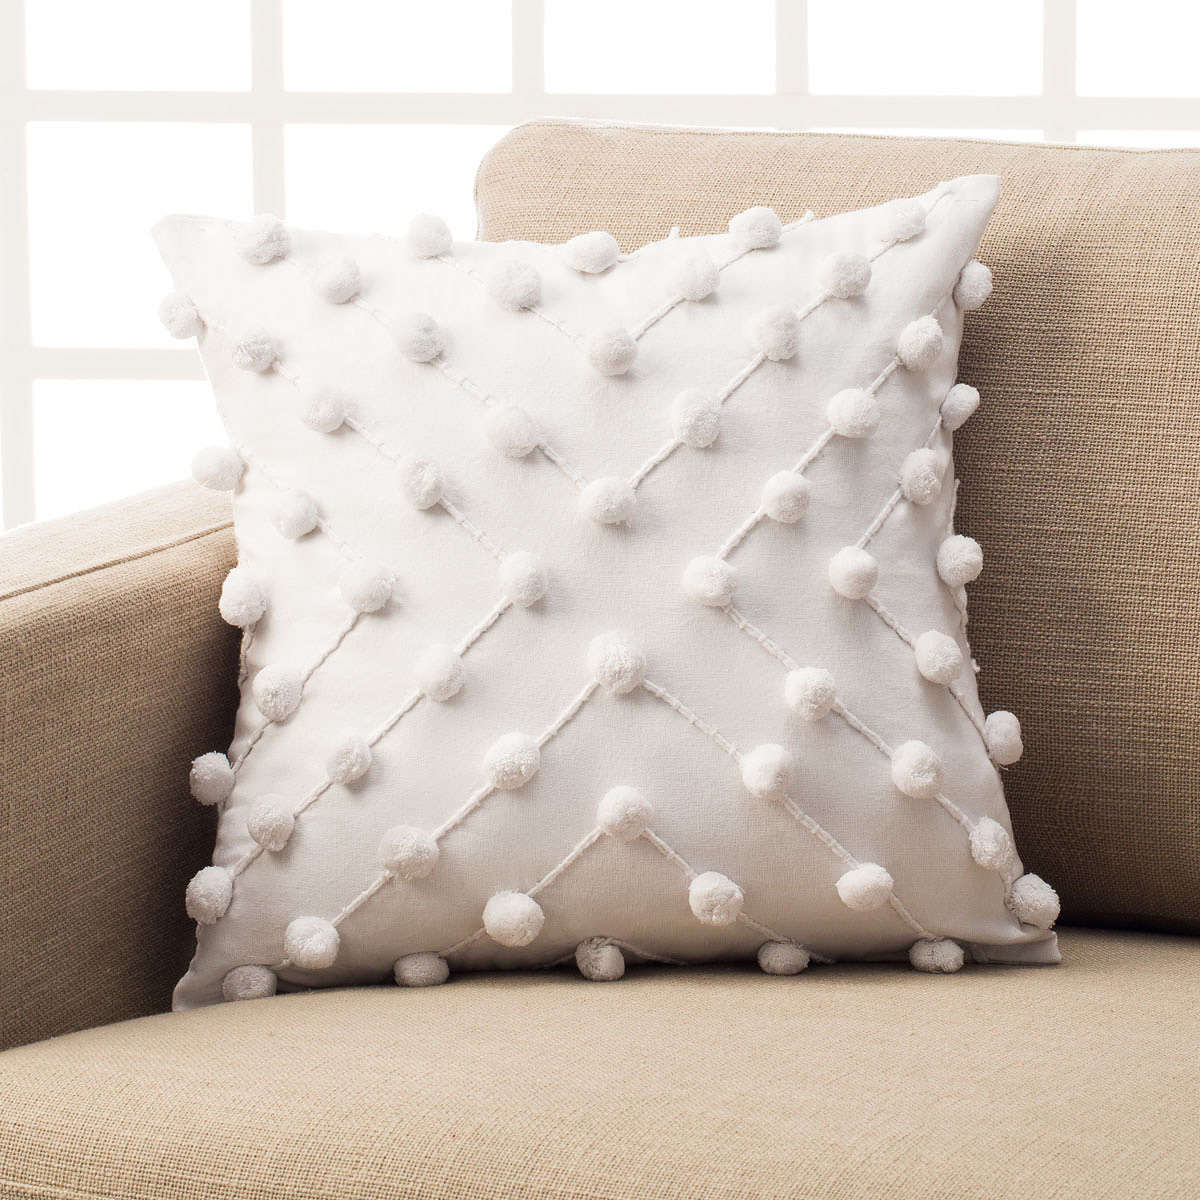 Μαξιλαροθήκη Διακοσμητική Arty Cloud White 187/16 Gofis Home 45X45 100% Βαμβάκι